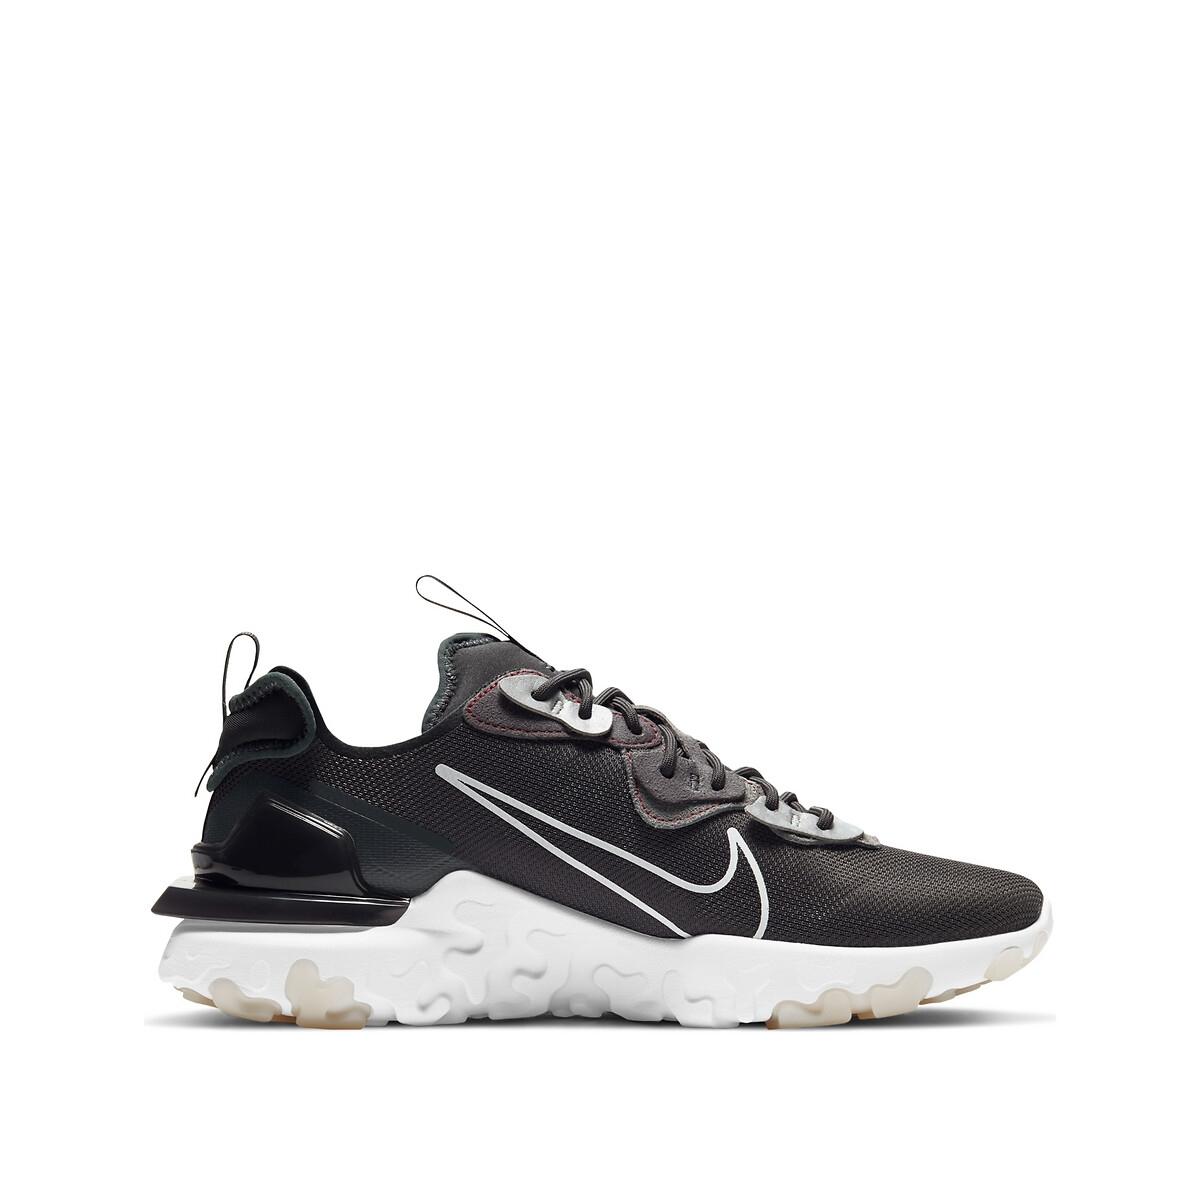 Nike React Vision 3M Heren Anthracite/University Red/White Heren online kopen